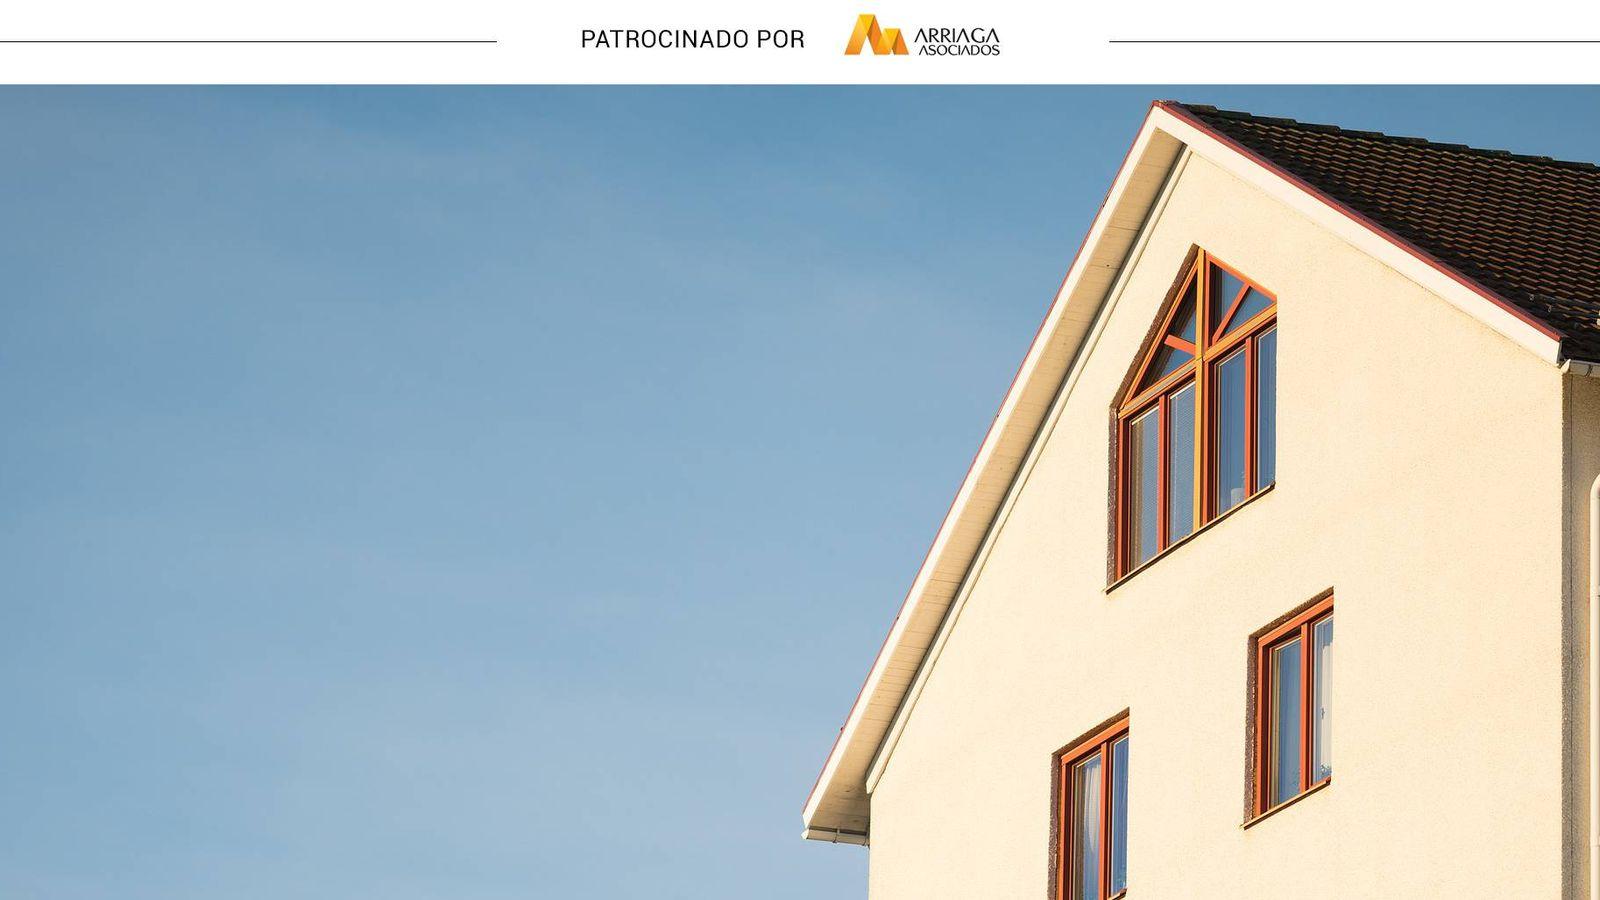 Gastos hipoteca qu pasa ahora con los gastos de for Modelo acuerdo extrajudicial clausula suelo